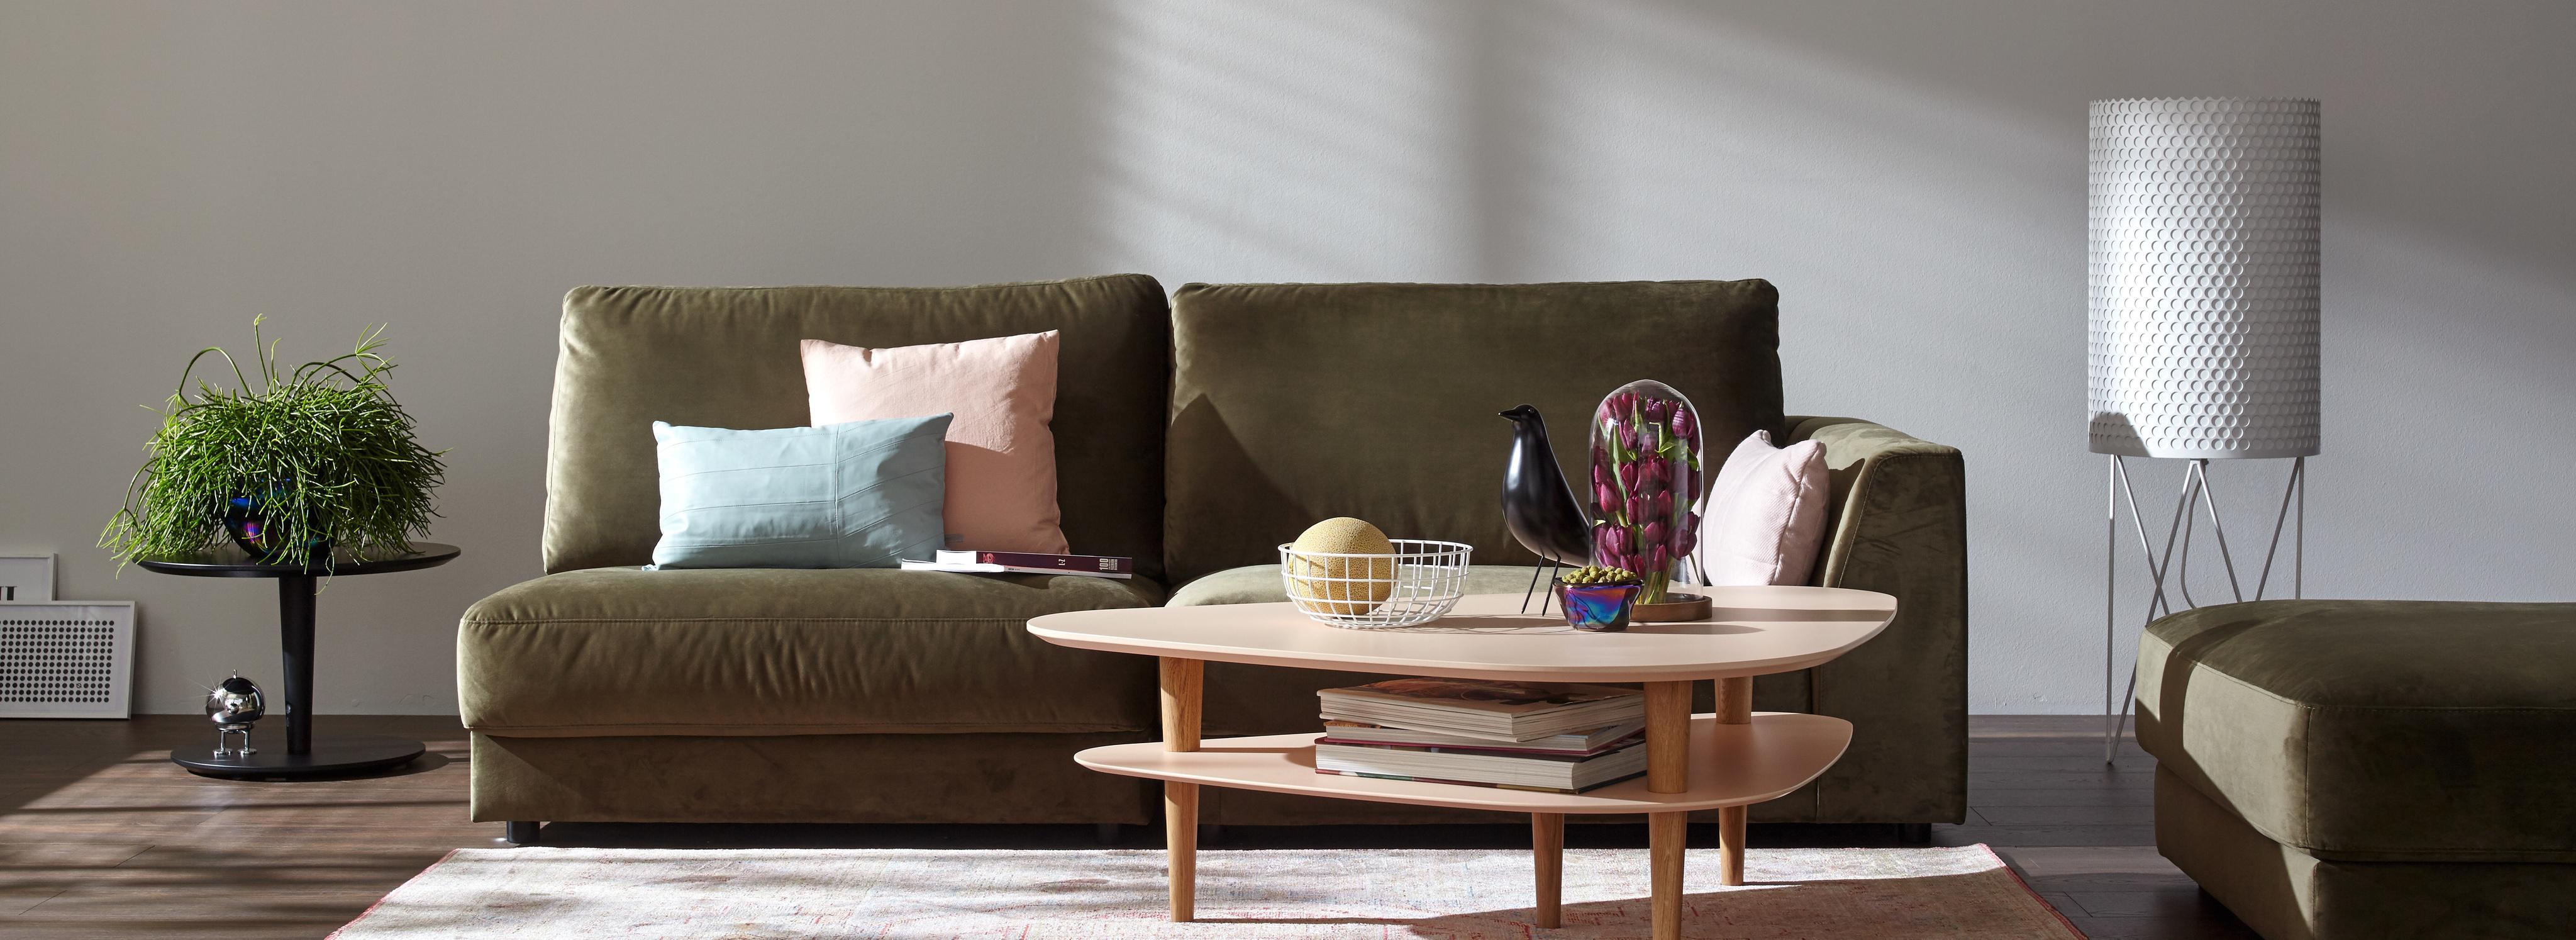 New Modern Nordisch Schöner Wohnen Shop Couch